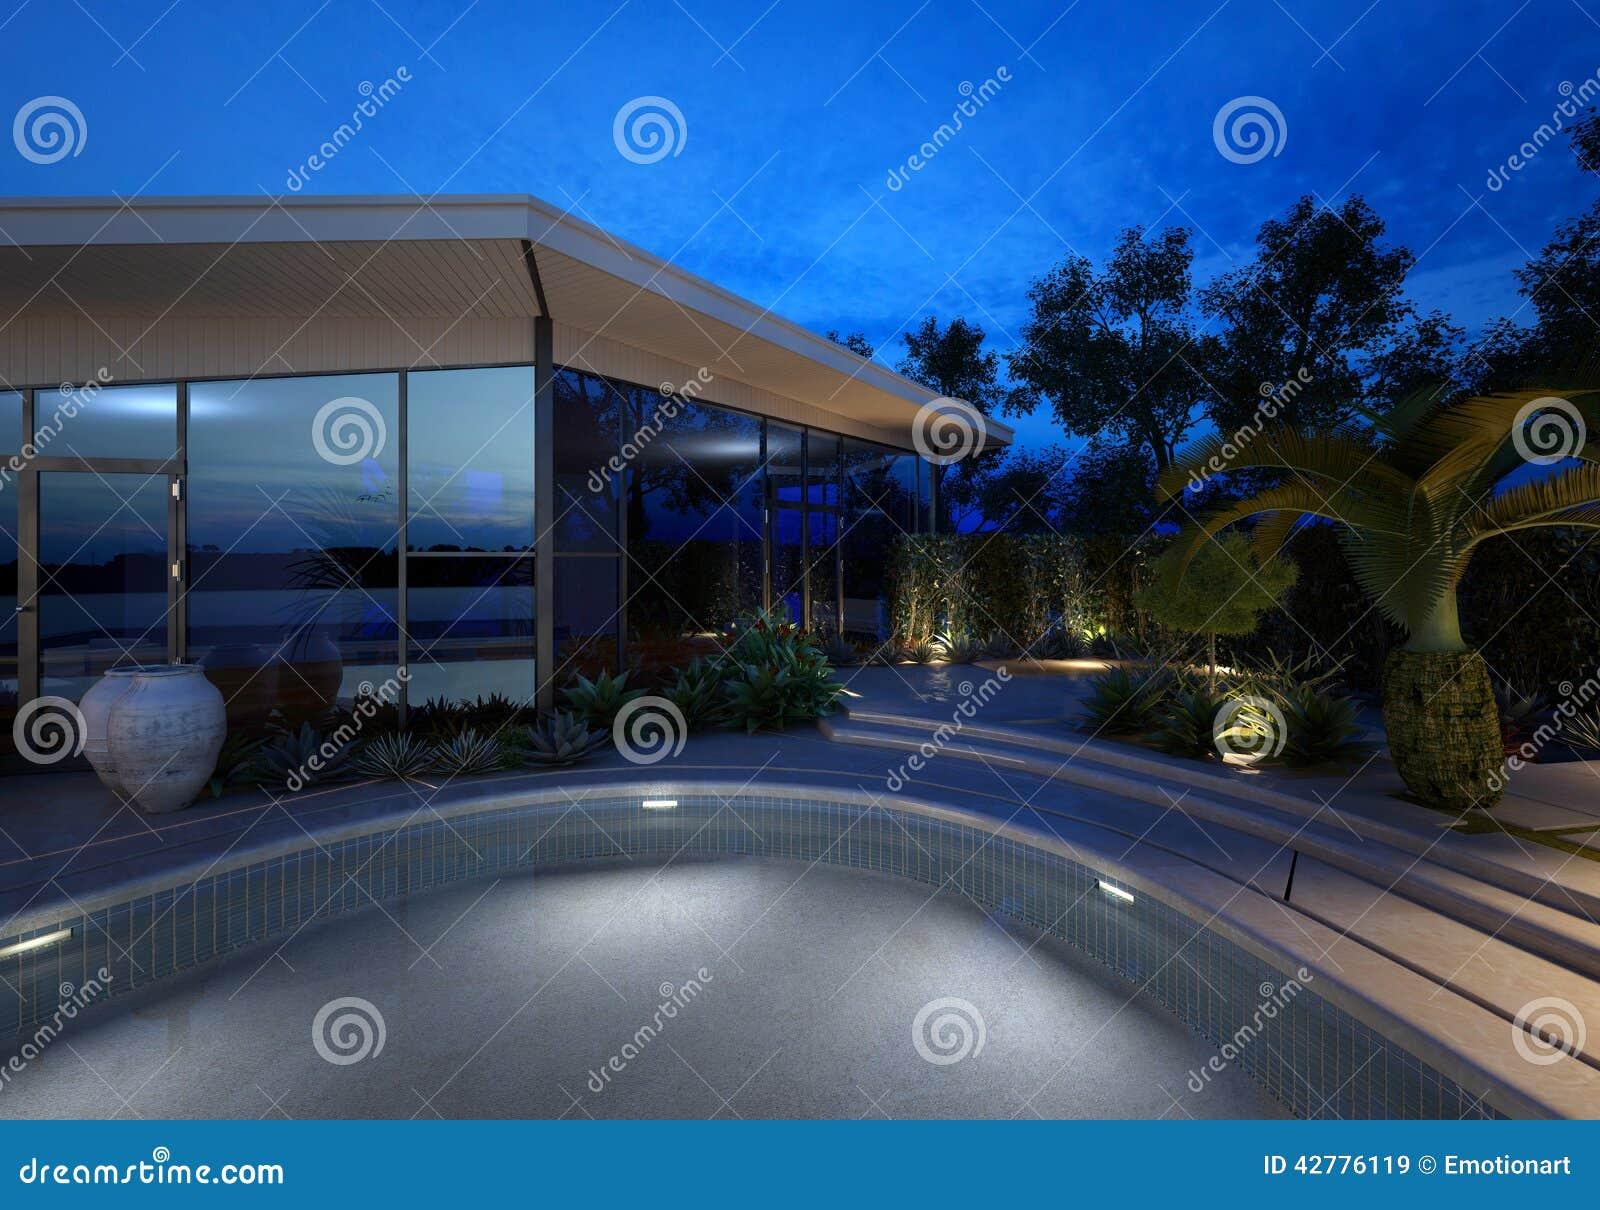 Fachada Diseño Y Piscina (Exterior Fachada Diseño, Diseño Fachada de la piscina)